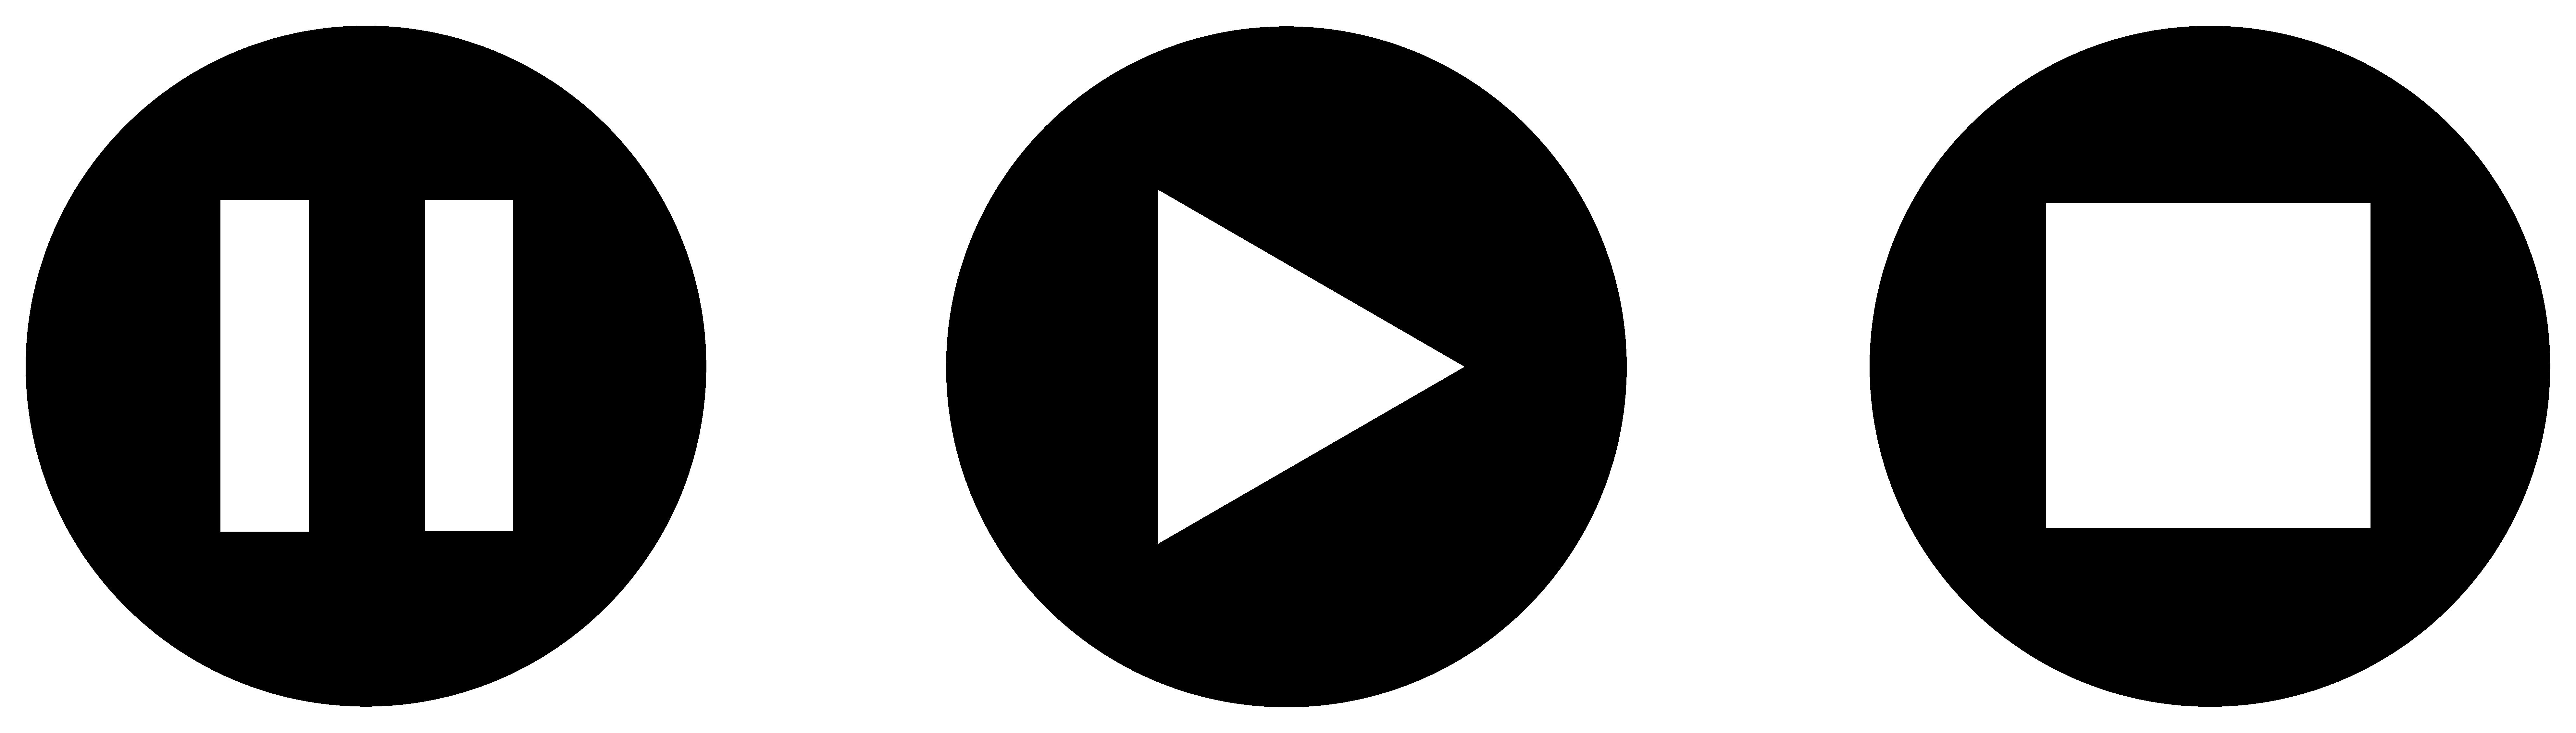 Audio clipart pause button #4